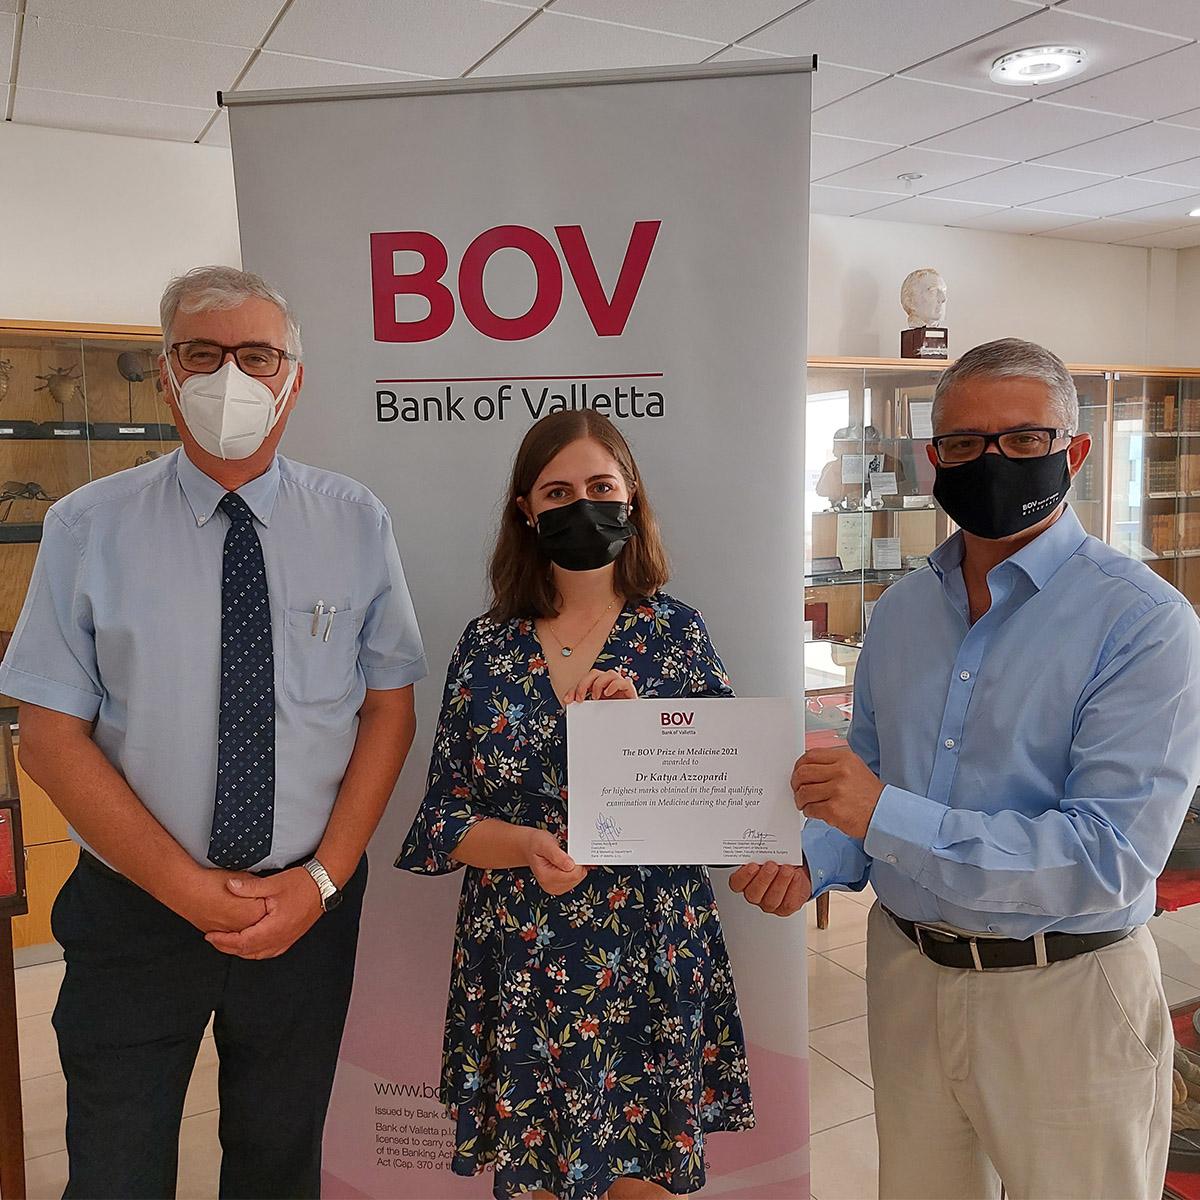 Dr Katya Azzopardi wins the BOV Prize in Medicine for 2021